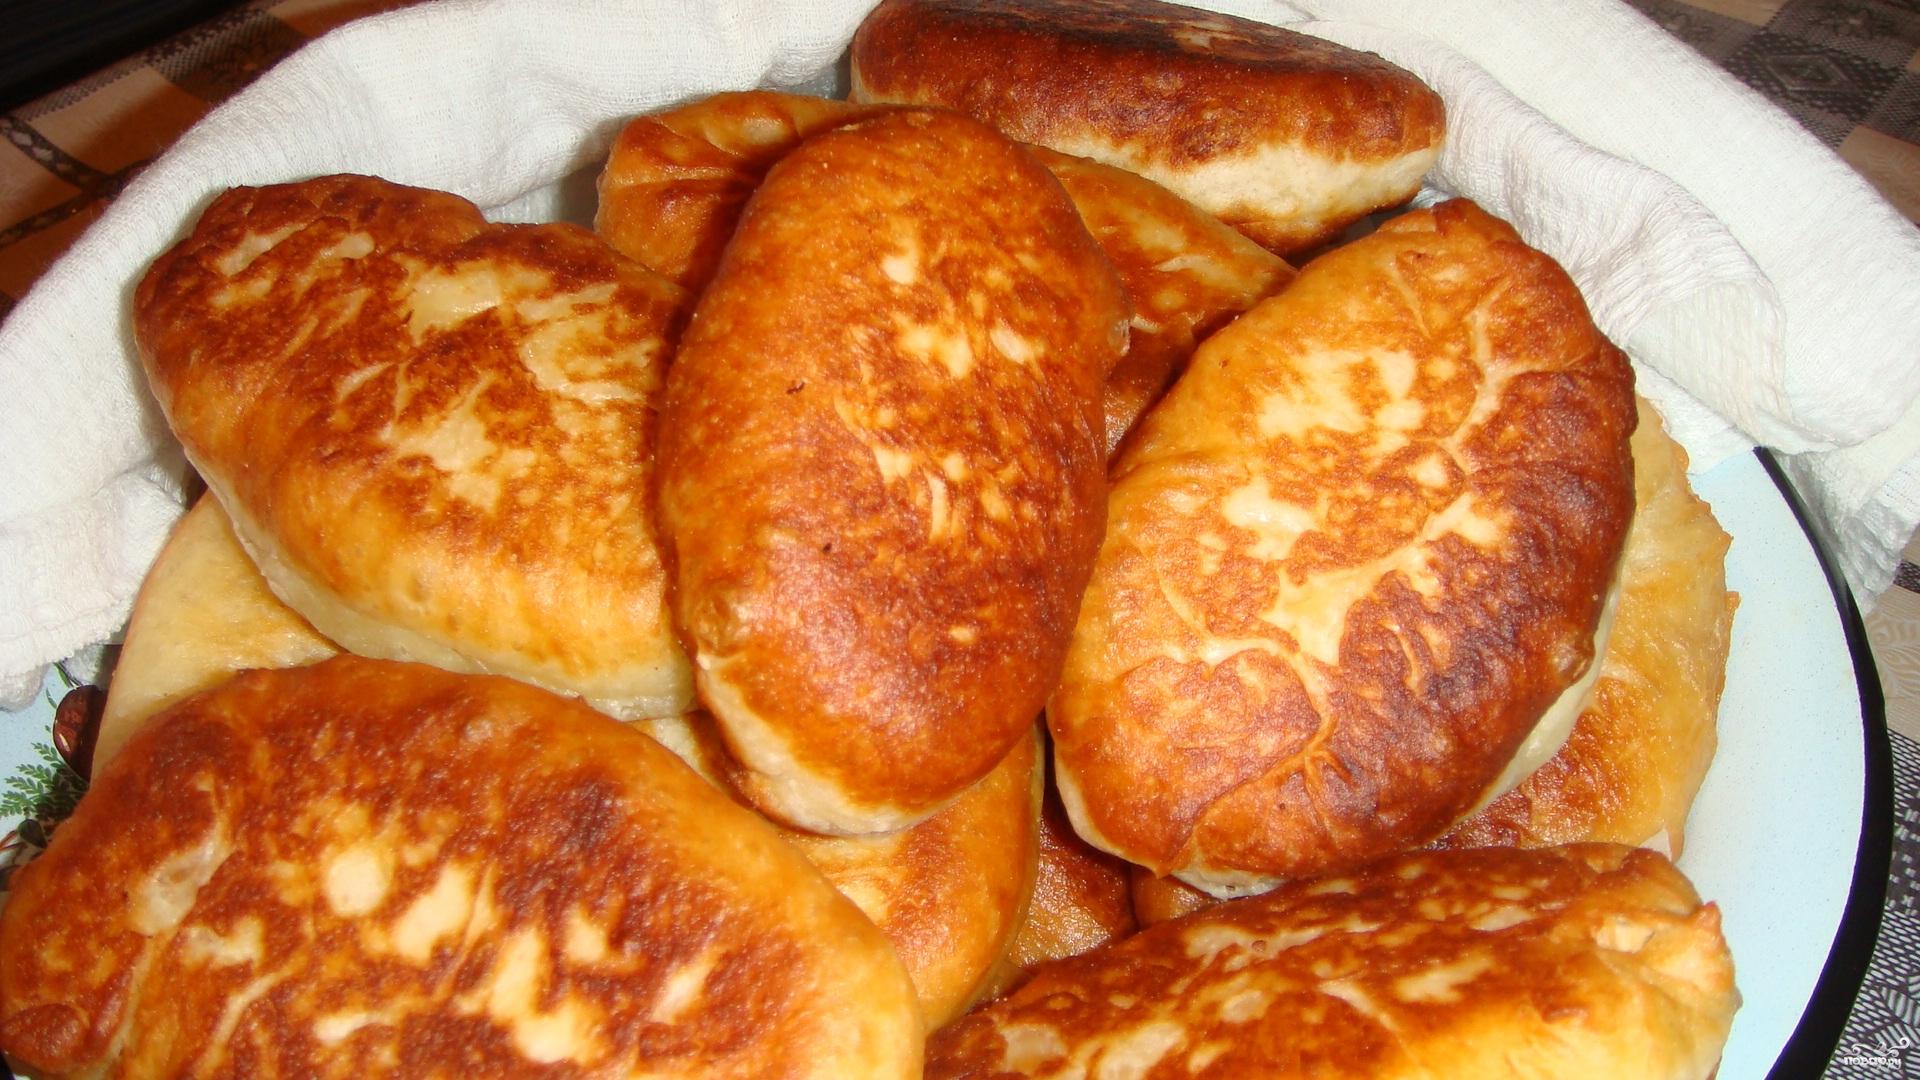 дрожжевое тесто для пирожков жареных на сковороде пошаговый рецепт